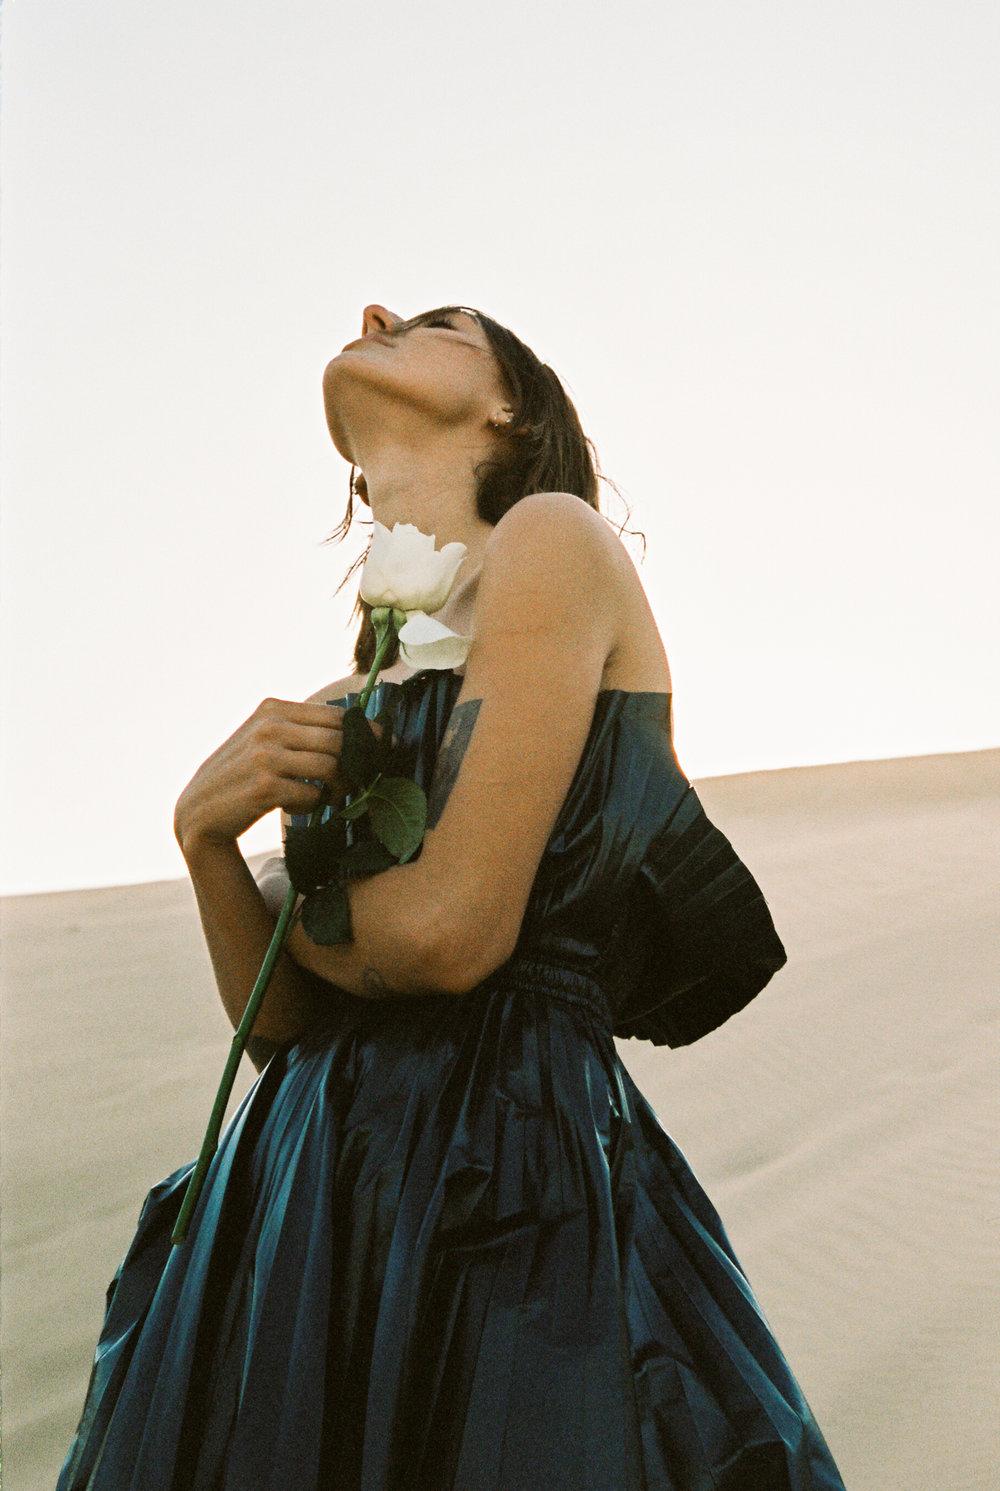 DesertFilm2 (79 of 101).jpg